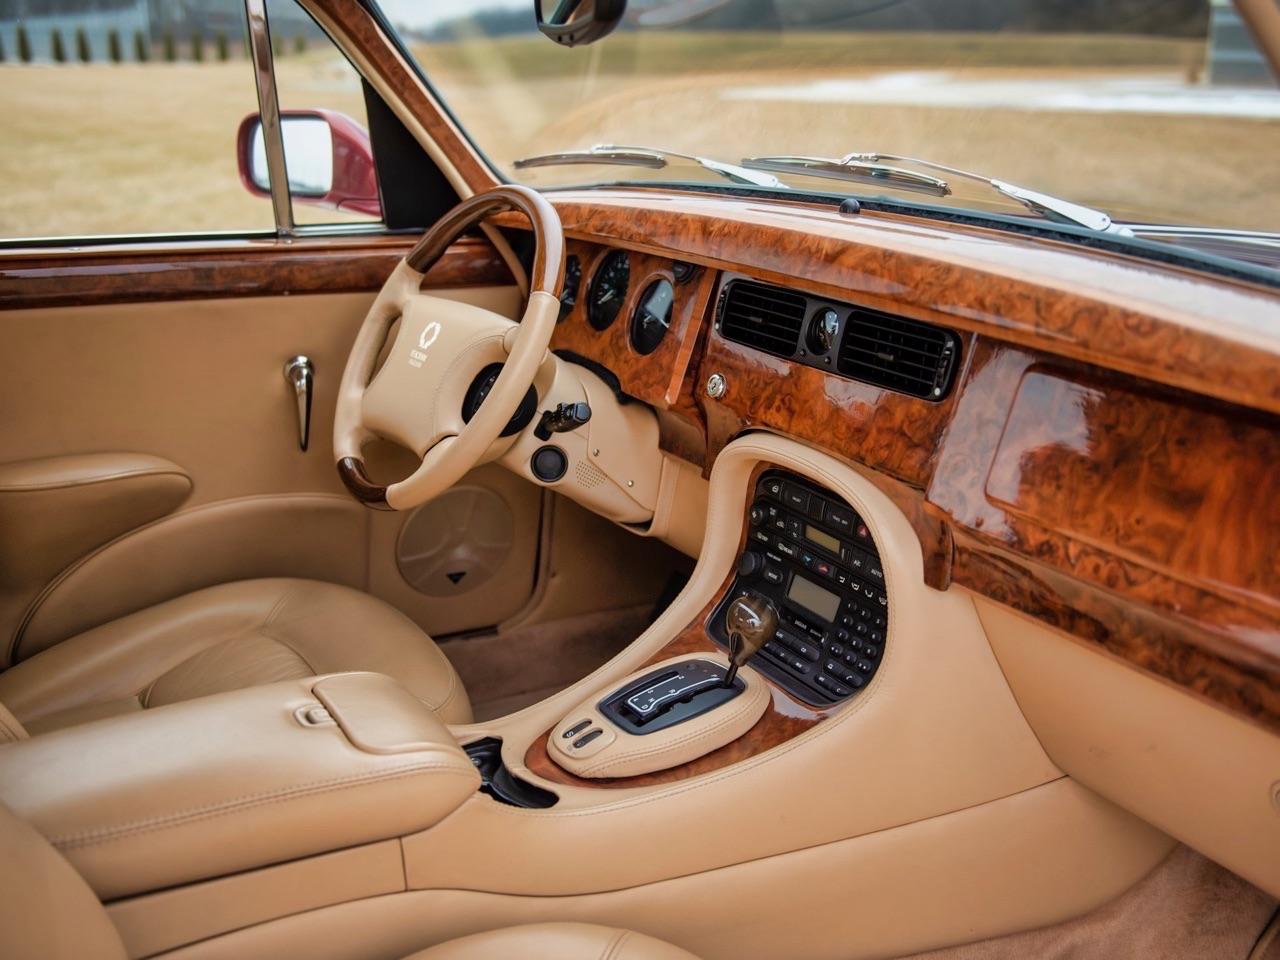 Restomod Jaguar Mk2 3.8... enfin, plutôt Beacham V8 Supercharged ! 10